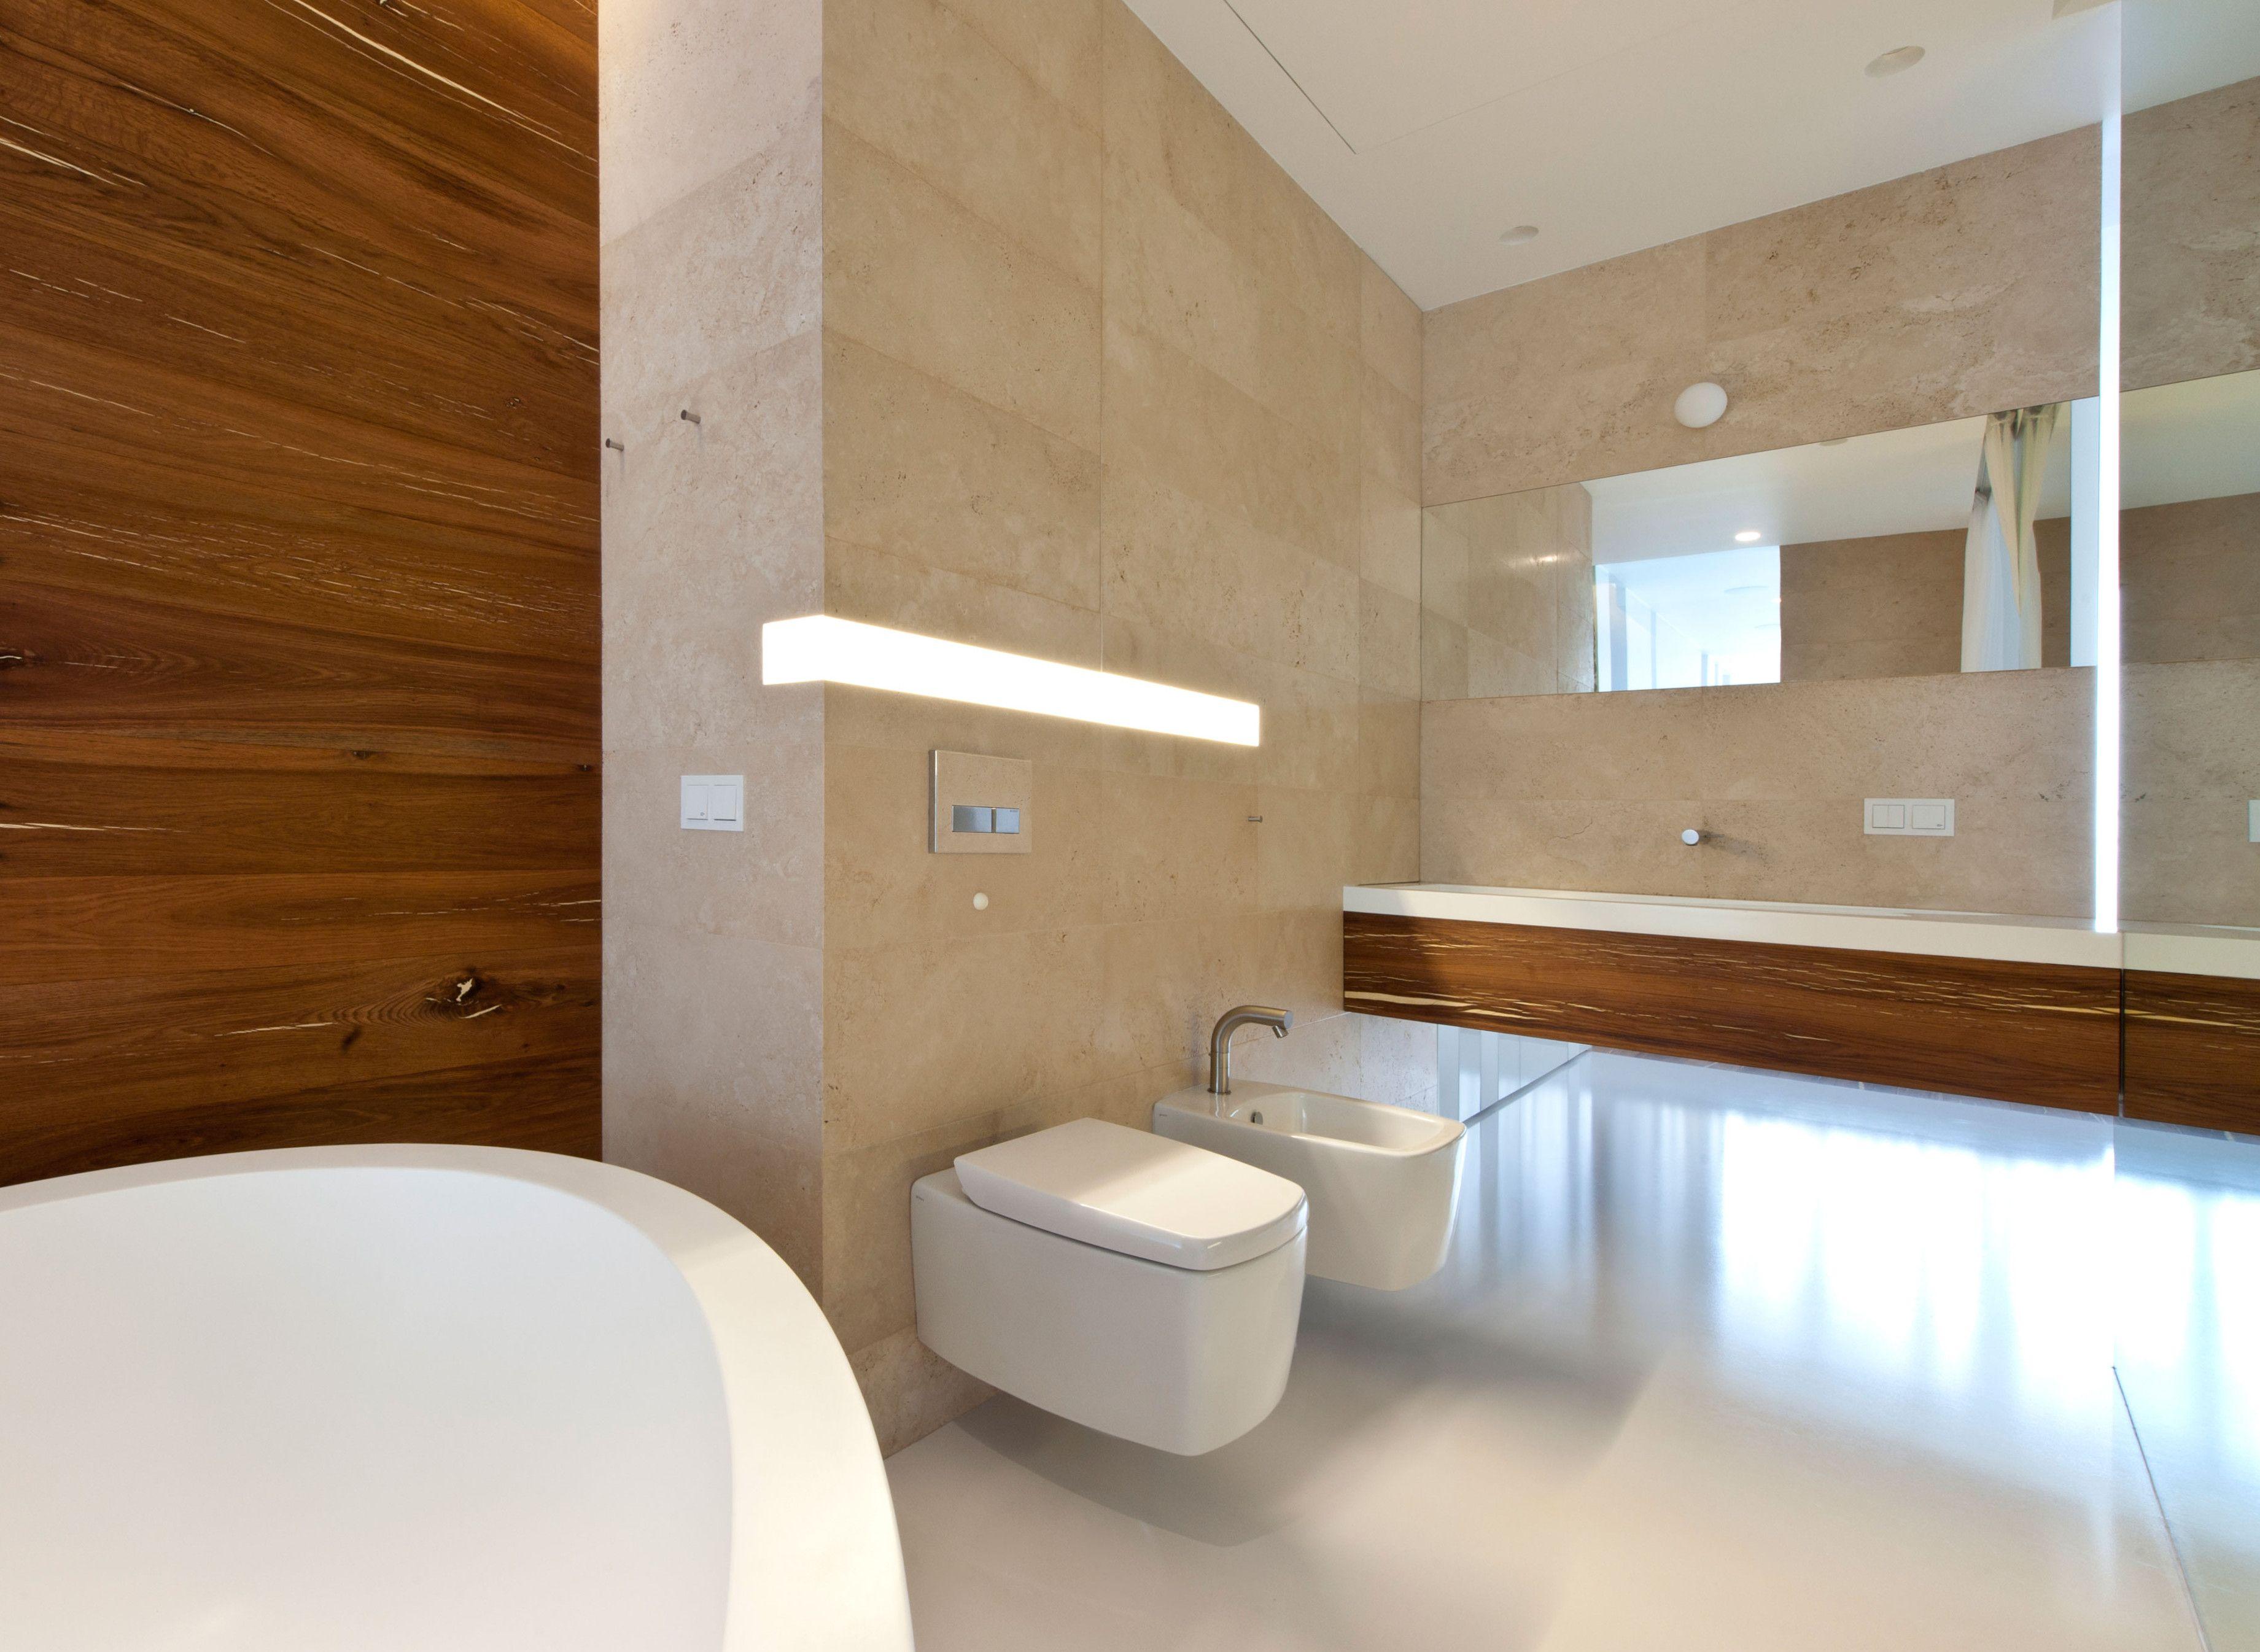 Hervorragend Bad Modern Gestalten Mit Einbauwandleuchte Und Akzentwand In Holz Mehr